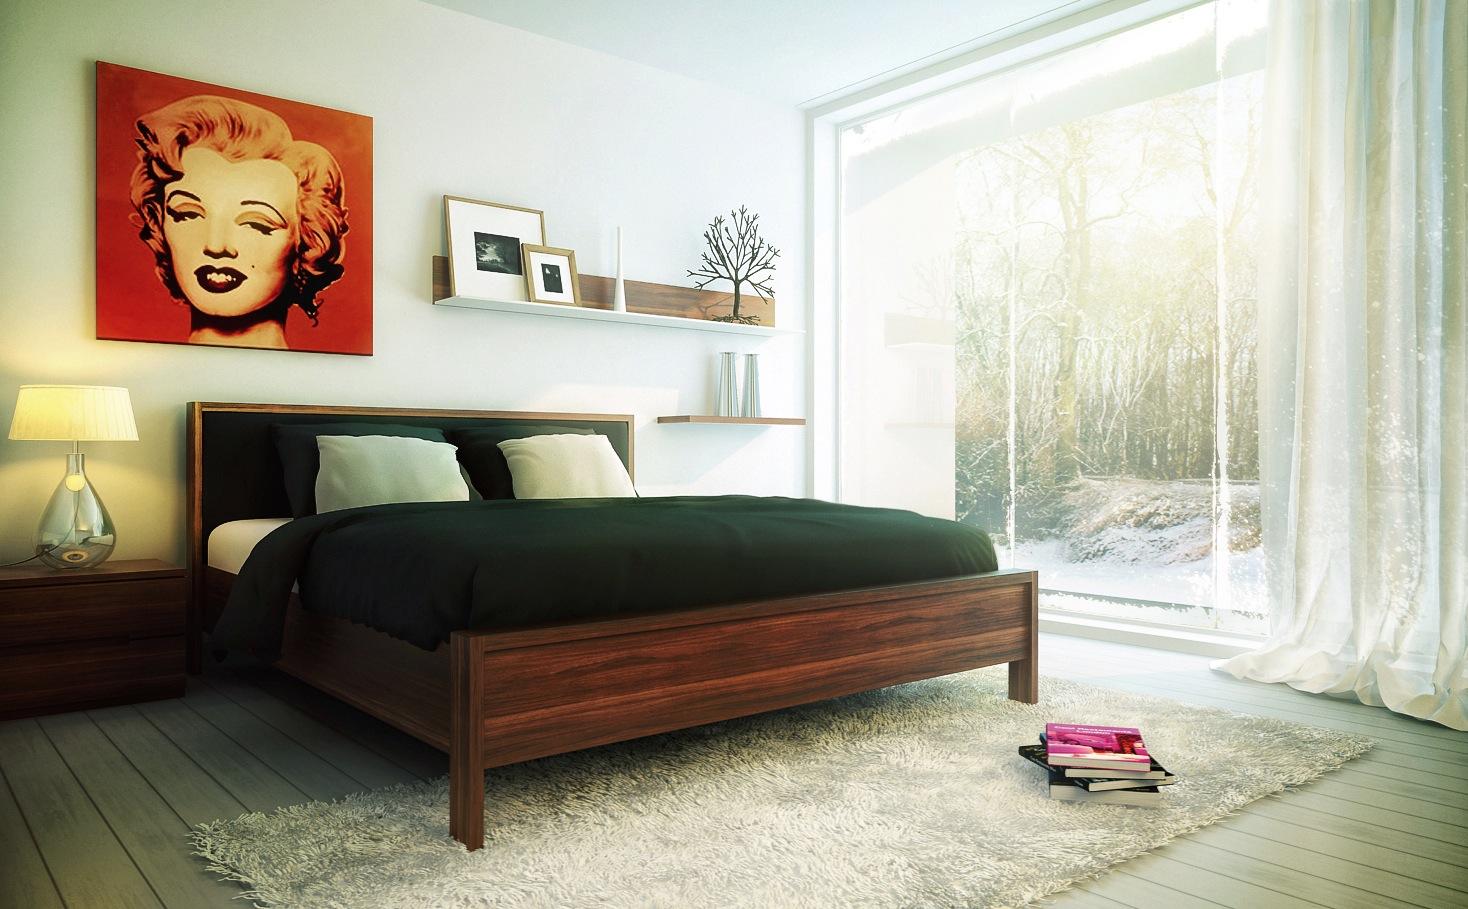 Understated Bedroom Decor Pop Art